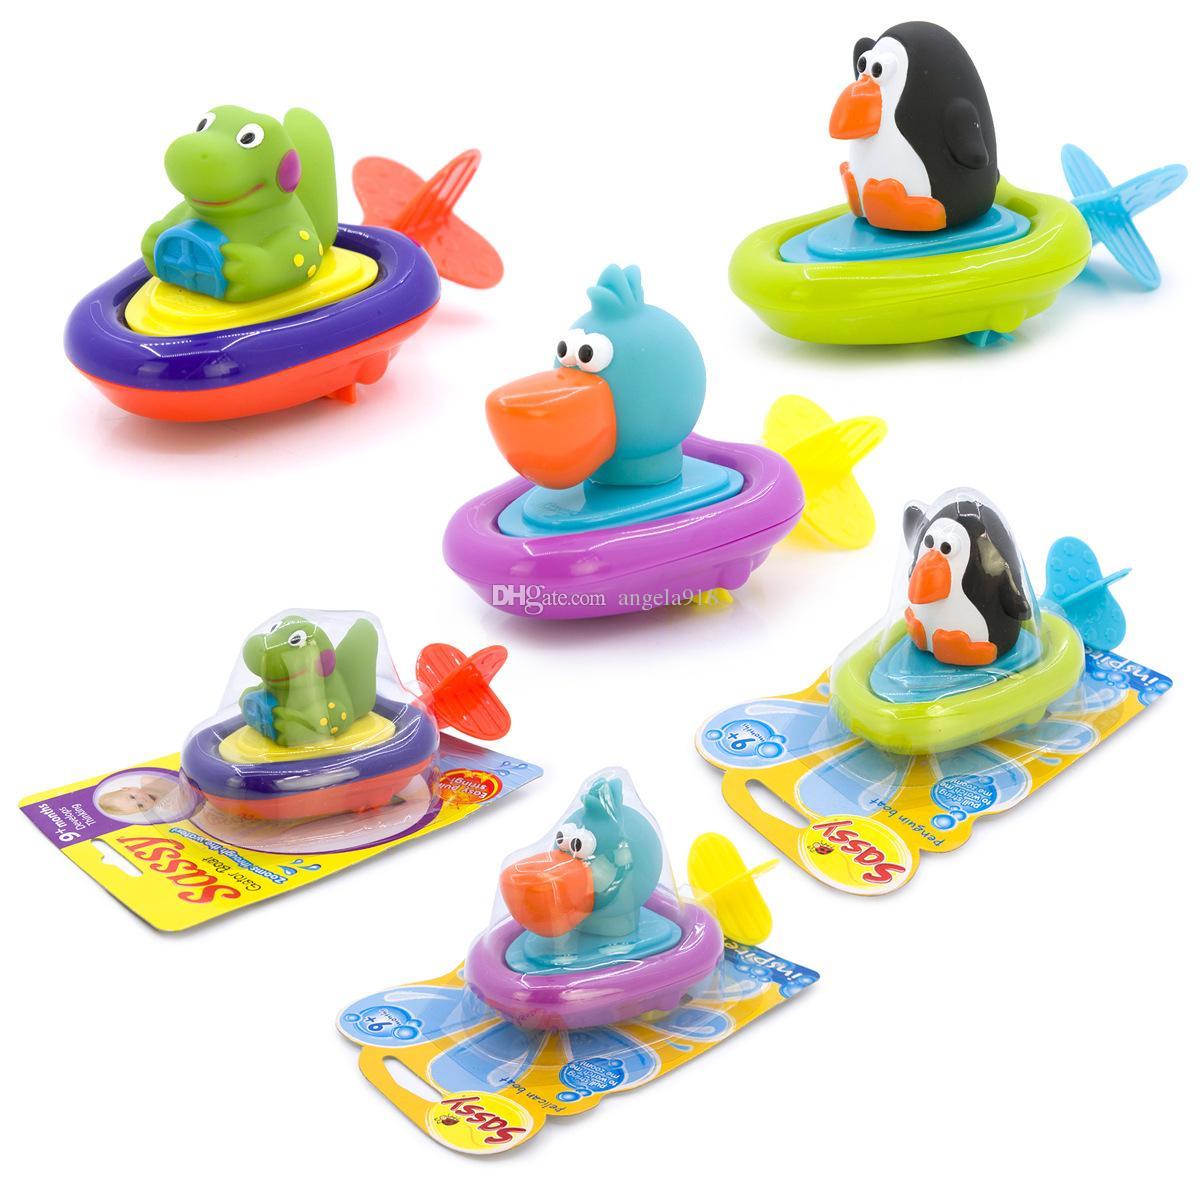 Детские игрушки для ванны дети заводят воду мультфильм пингвин утка динозавр животные плавание игрушки для детей C2417